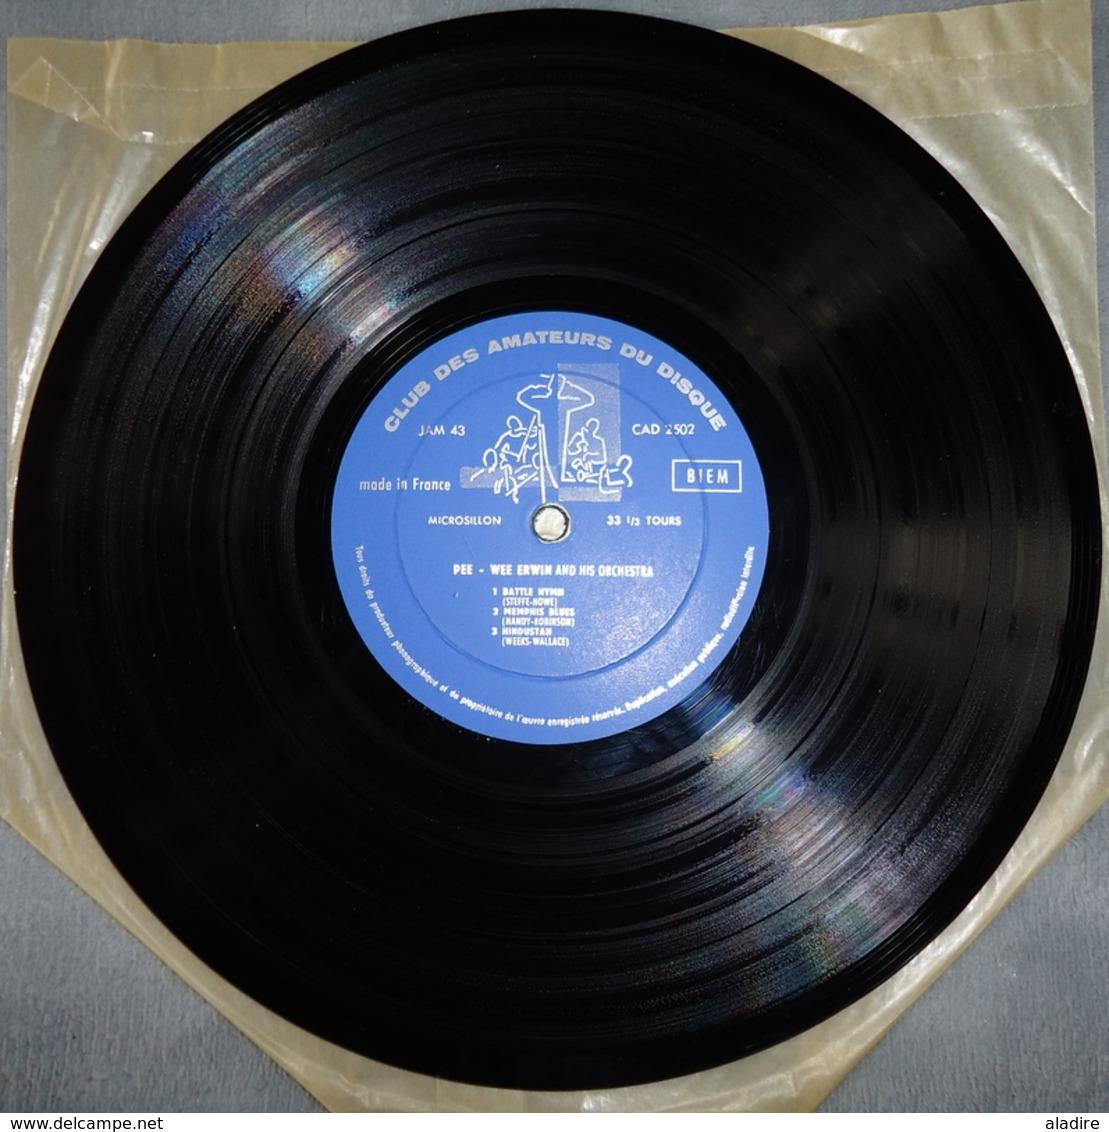 PEE WEE ERWIN & His Orchestra - Panorama Du Jazz - Club Des Amateurs Du Disque - Années 1950 - Jazz